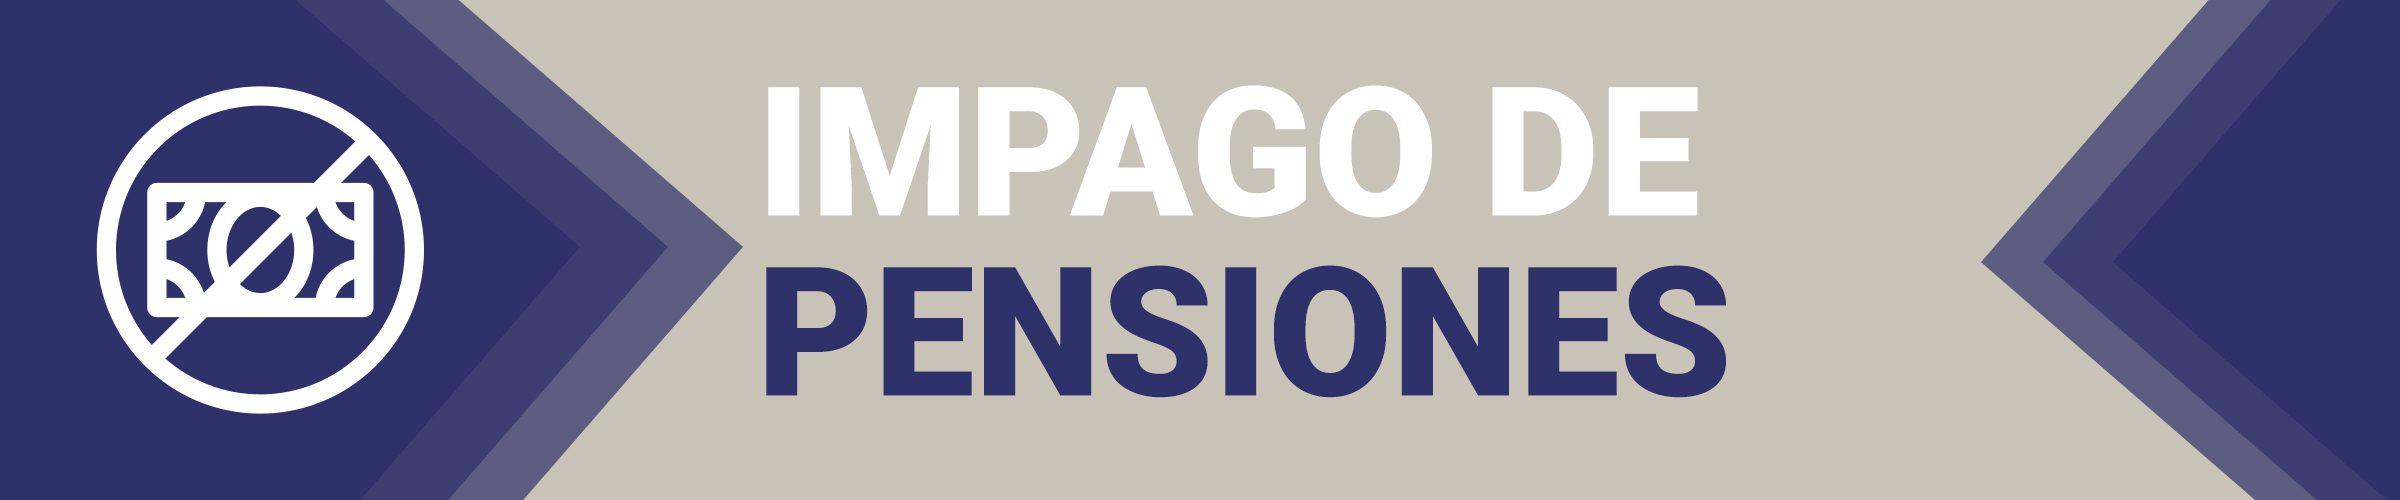 impago de pensiones